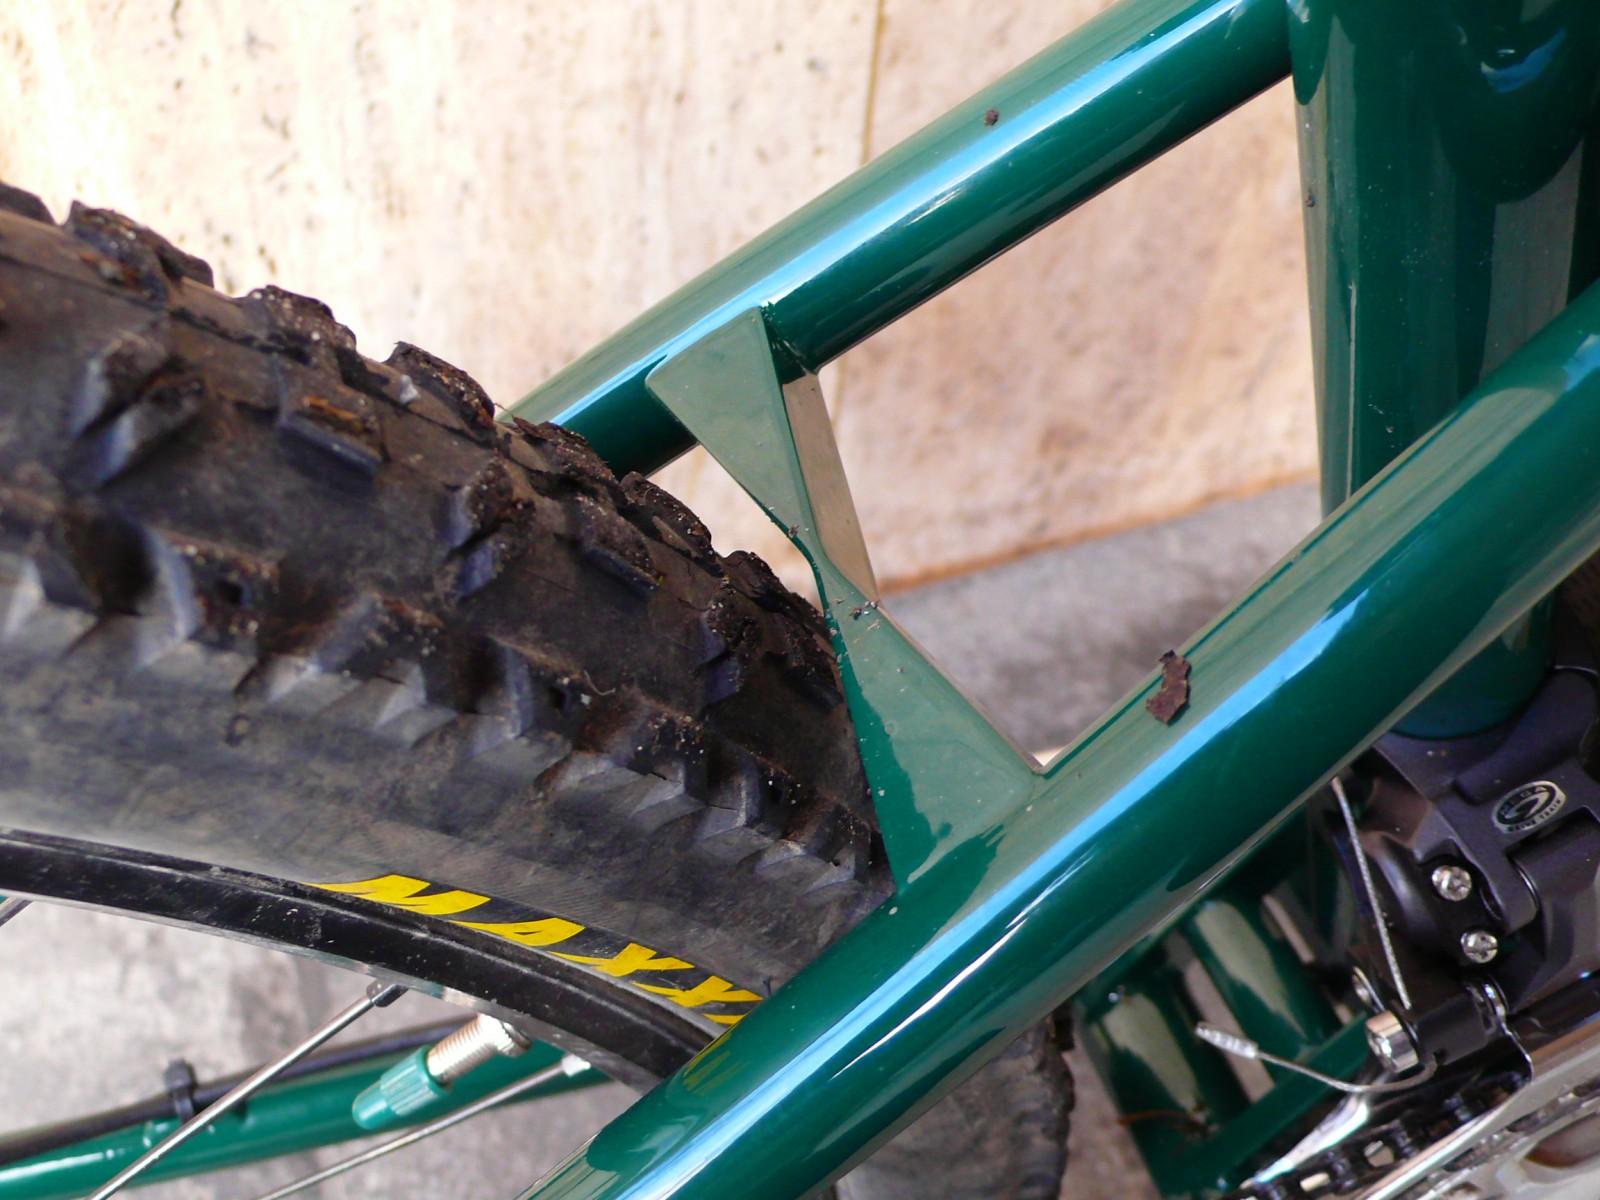 UNIQUE Rahmen » UNIQUE handmade Bicycles